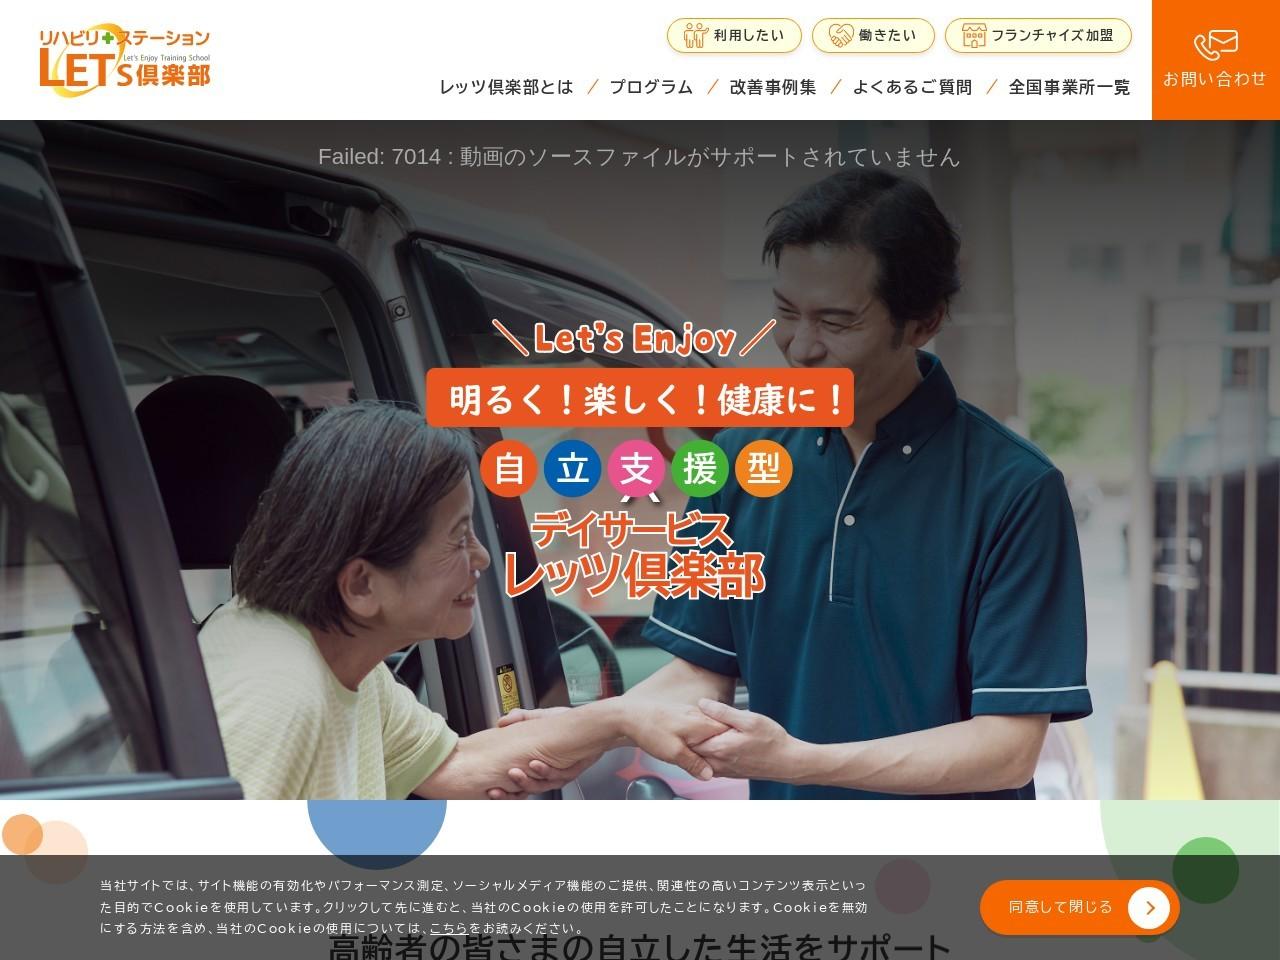 レッツ倶楽部 公式サイト